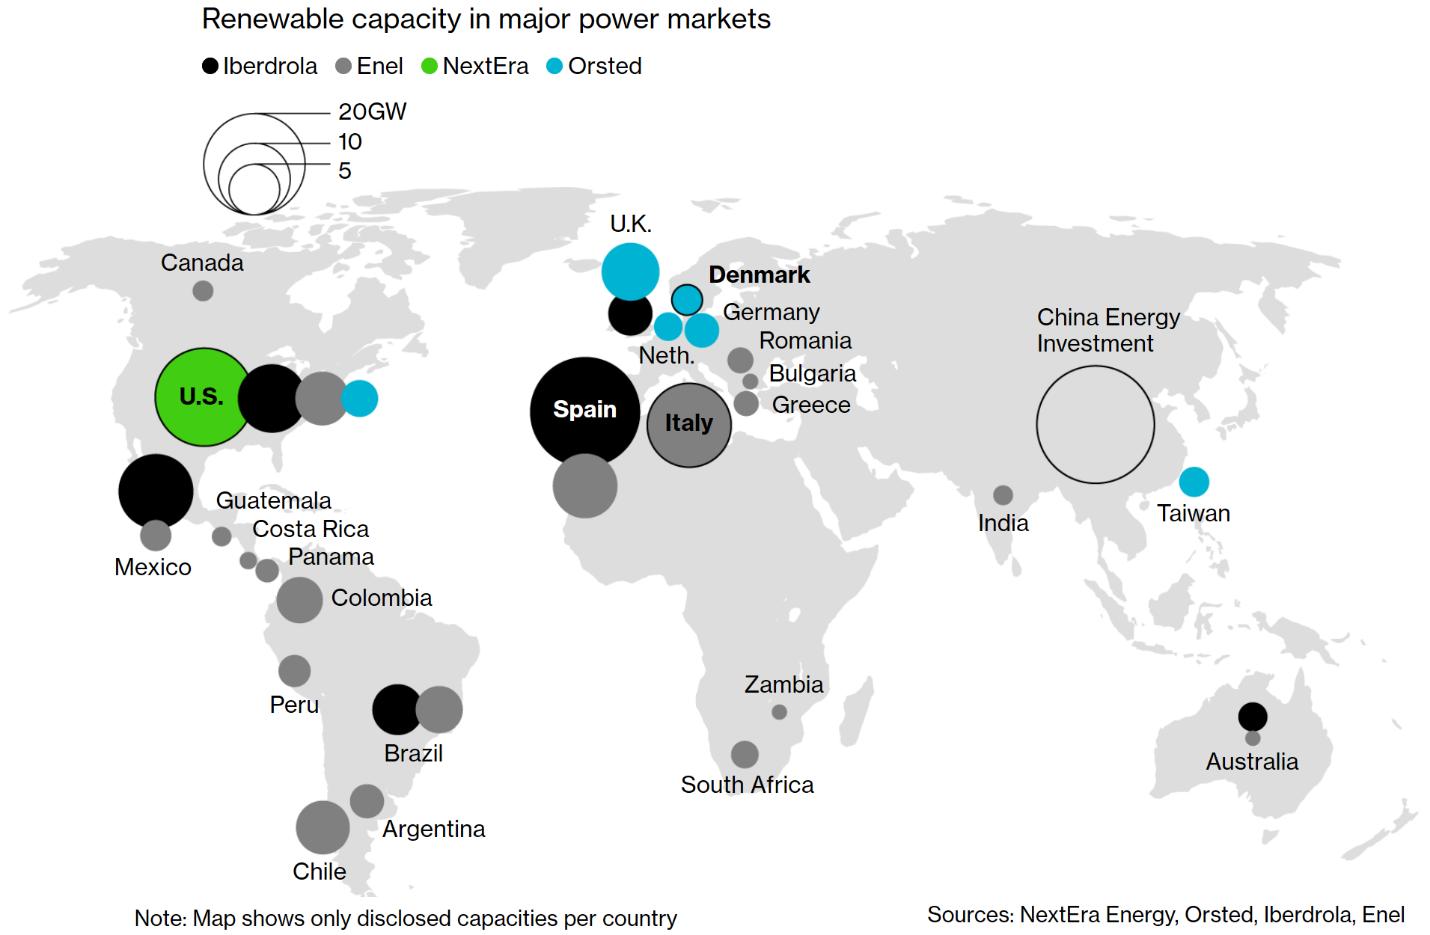 Trung Quốc nằm trong top 5 công ty năng lượng xanh hàng đầu thế giới